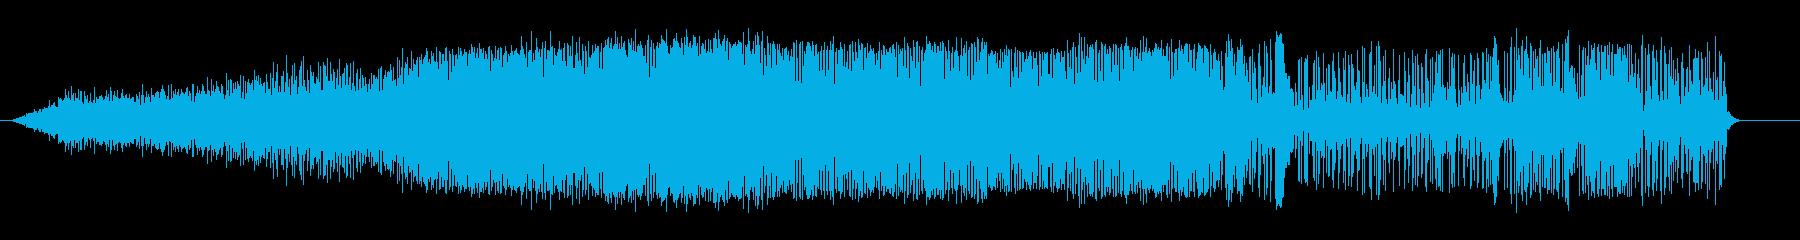 ドラッグボート;アイドル/回転/オ...の再生済みの波形